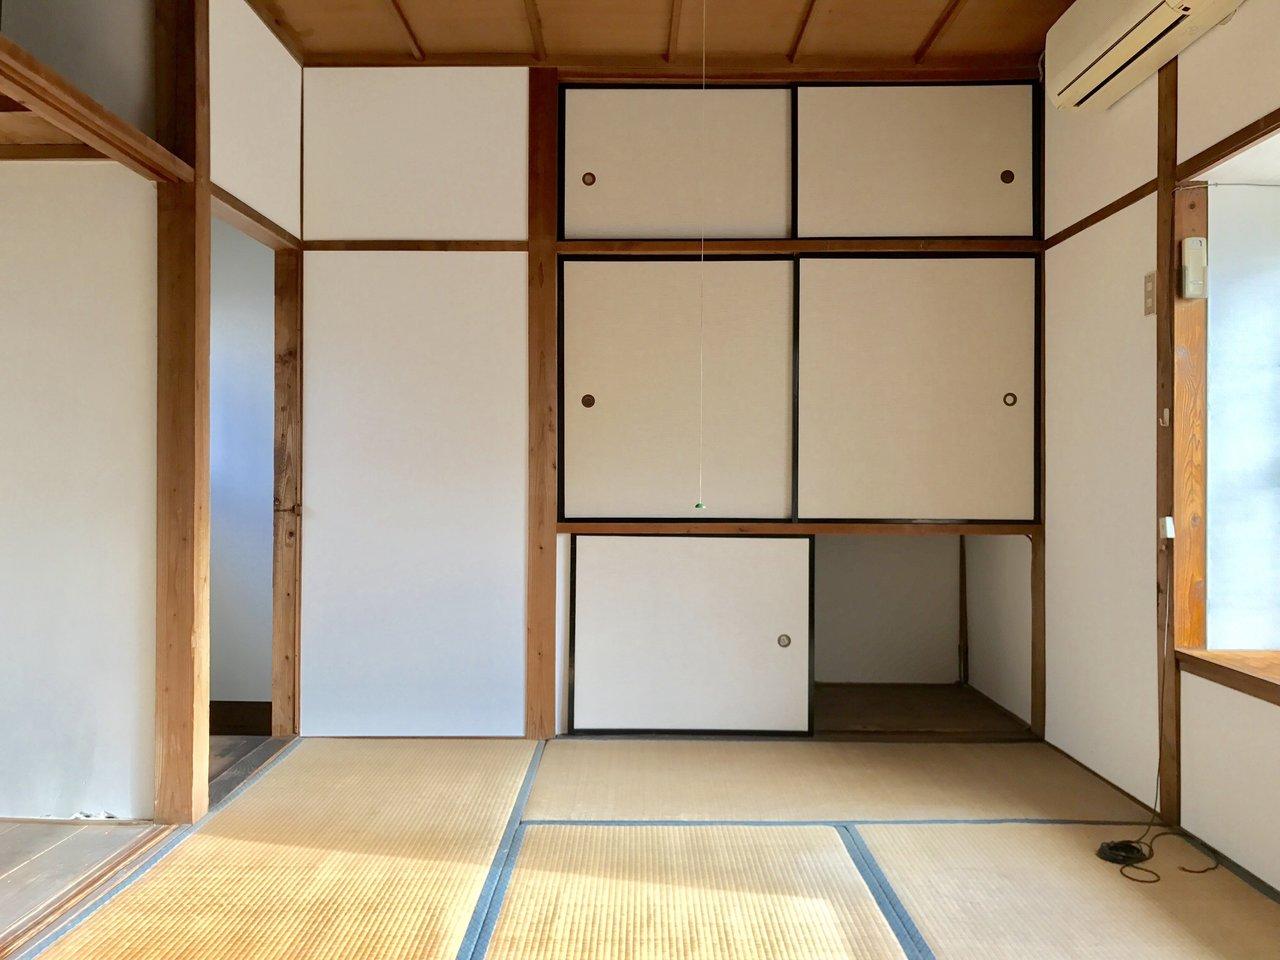 2階は和室になっています。こたつを出したり、ゴロゴロしたり。日当たりがよく気持ち良さそうですね。